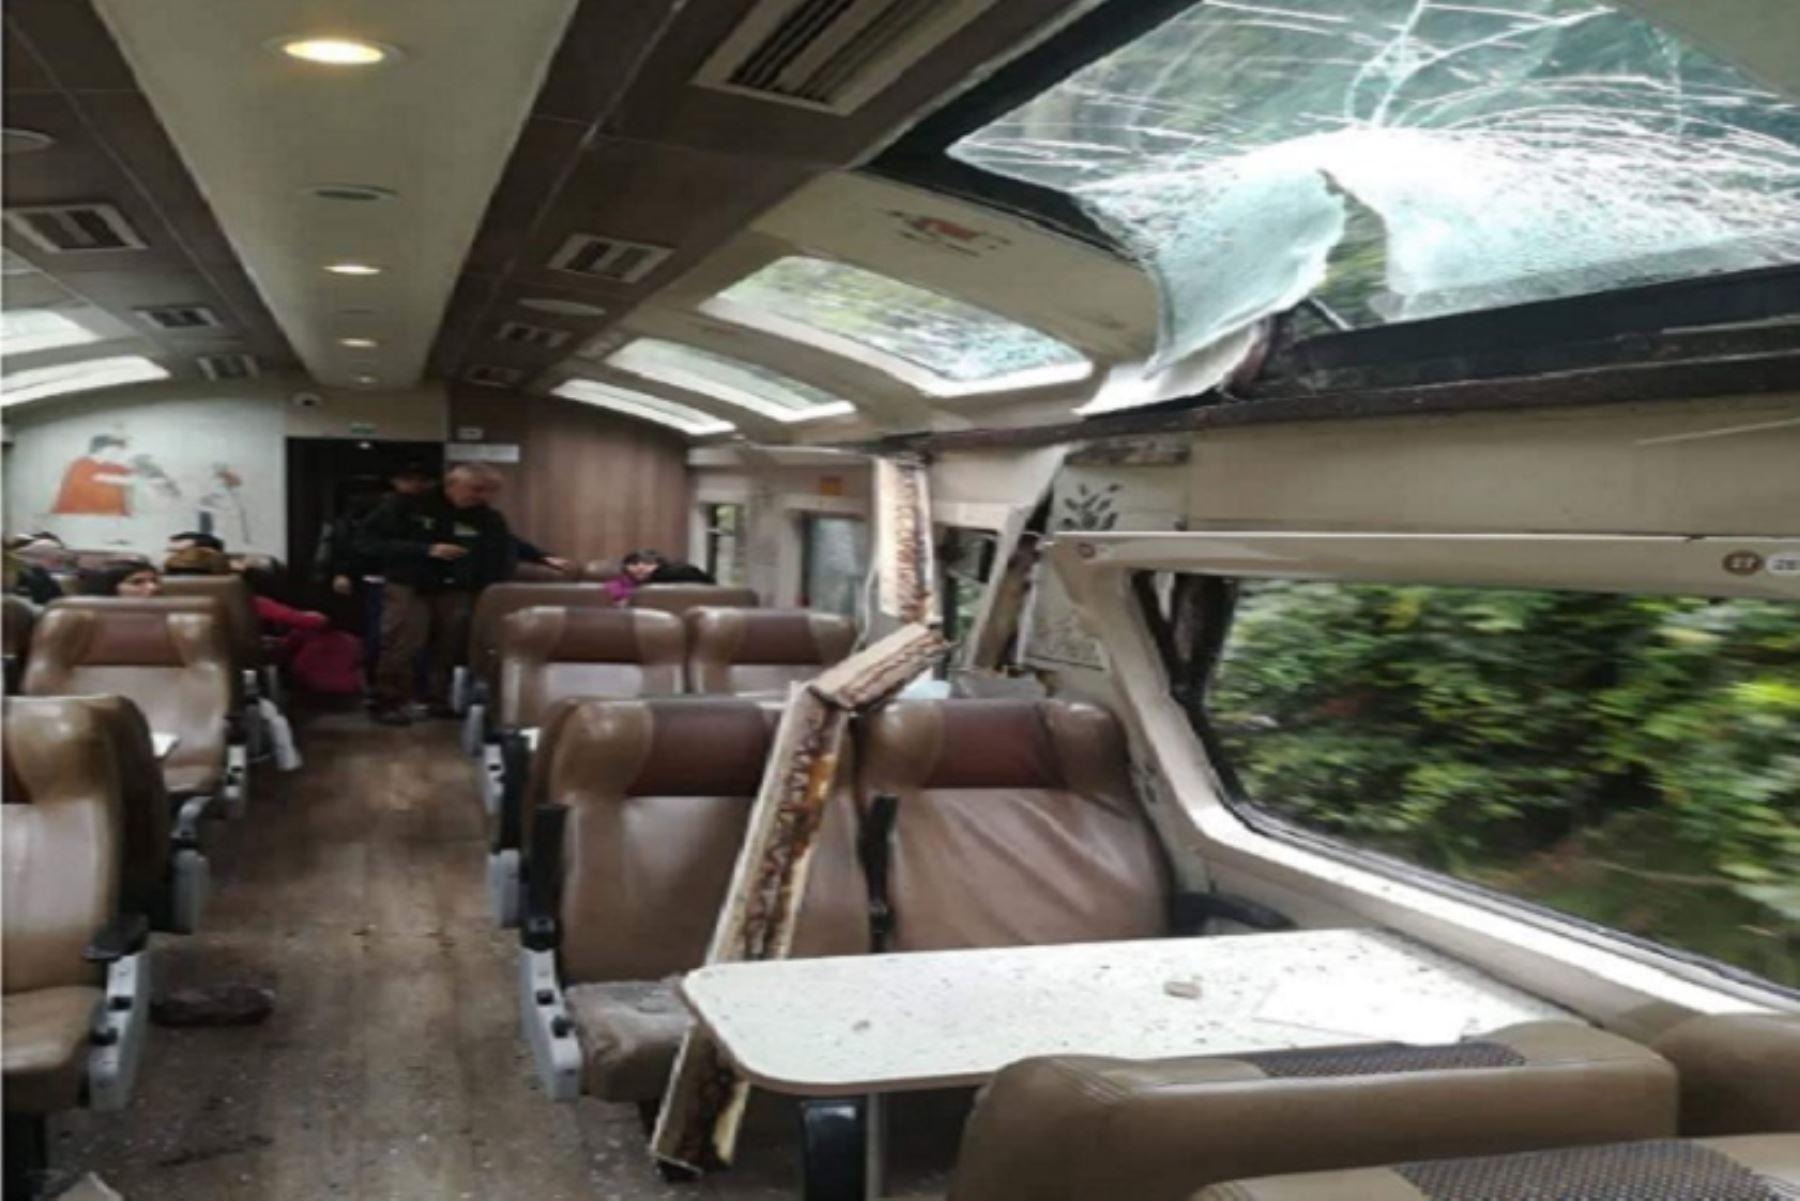 La piedra que se desprendió por el debilitamiento, a causa de las intensas lluvias que registran en la región, generó daños estructurales de consideración en el vagón, lo que obligó a que pase a mantenimiento. En  en tanto, los visitantes a bordo de otro tren llegaron a su destino.